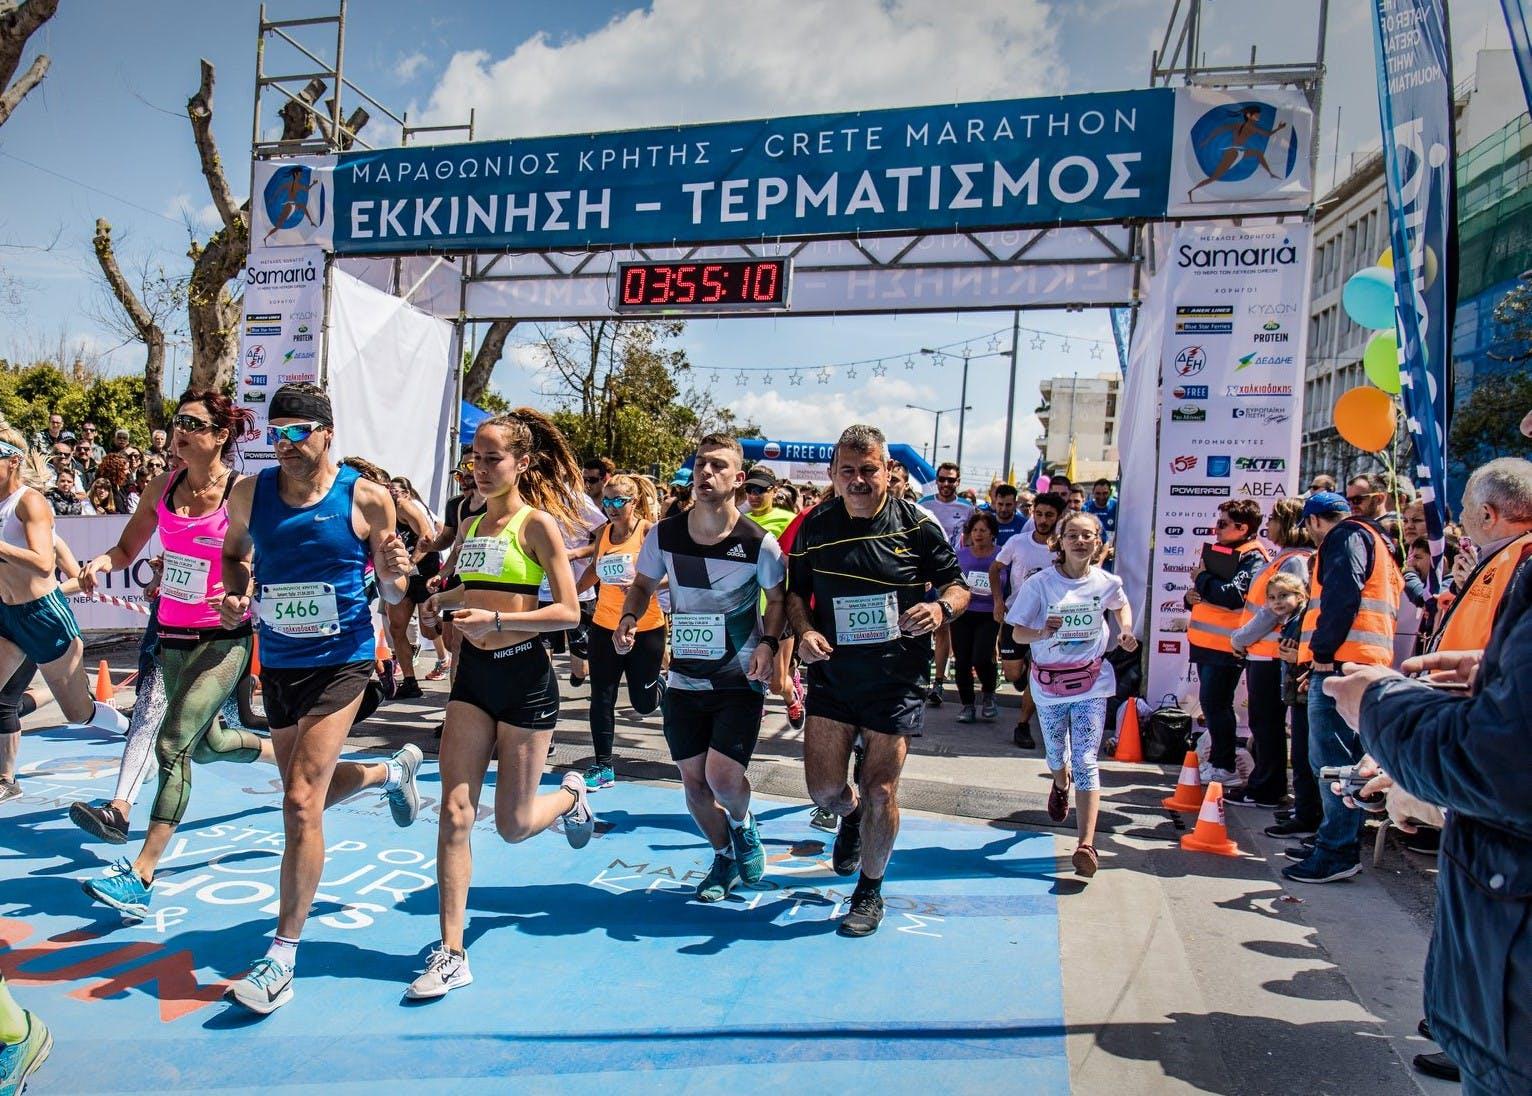 Περίπου 2.000 οι συμμετέχοντες στις εκδηλώσεις του Μαραθώνιου Κρήτης